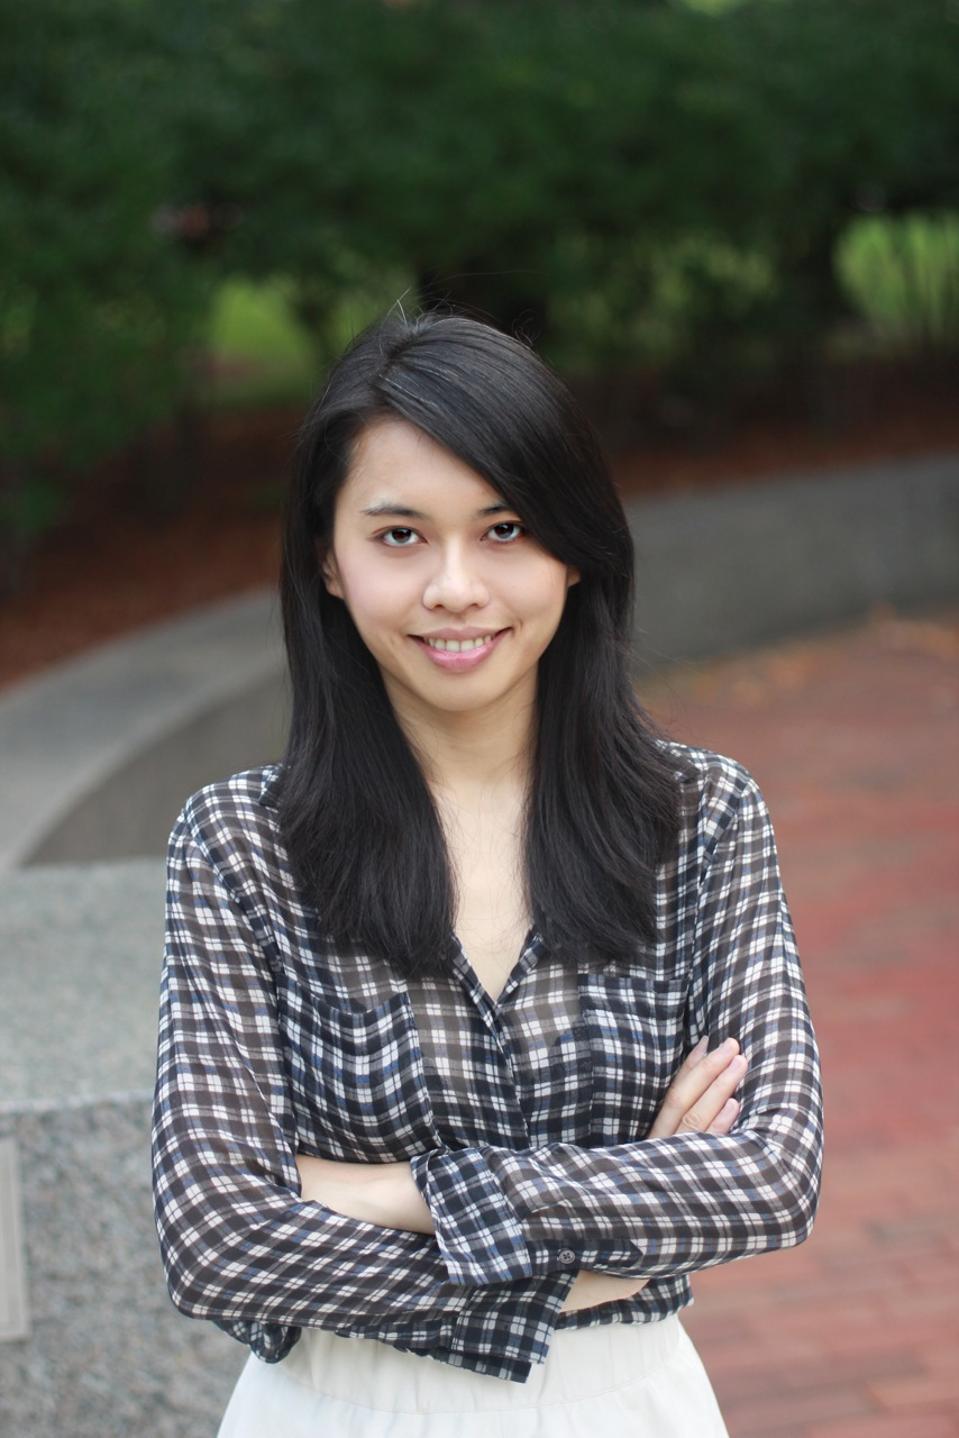 Nan-Wei Gong, founder of Figur8.